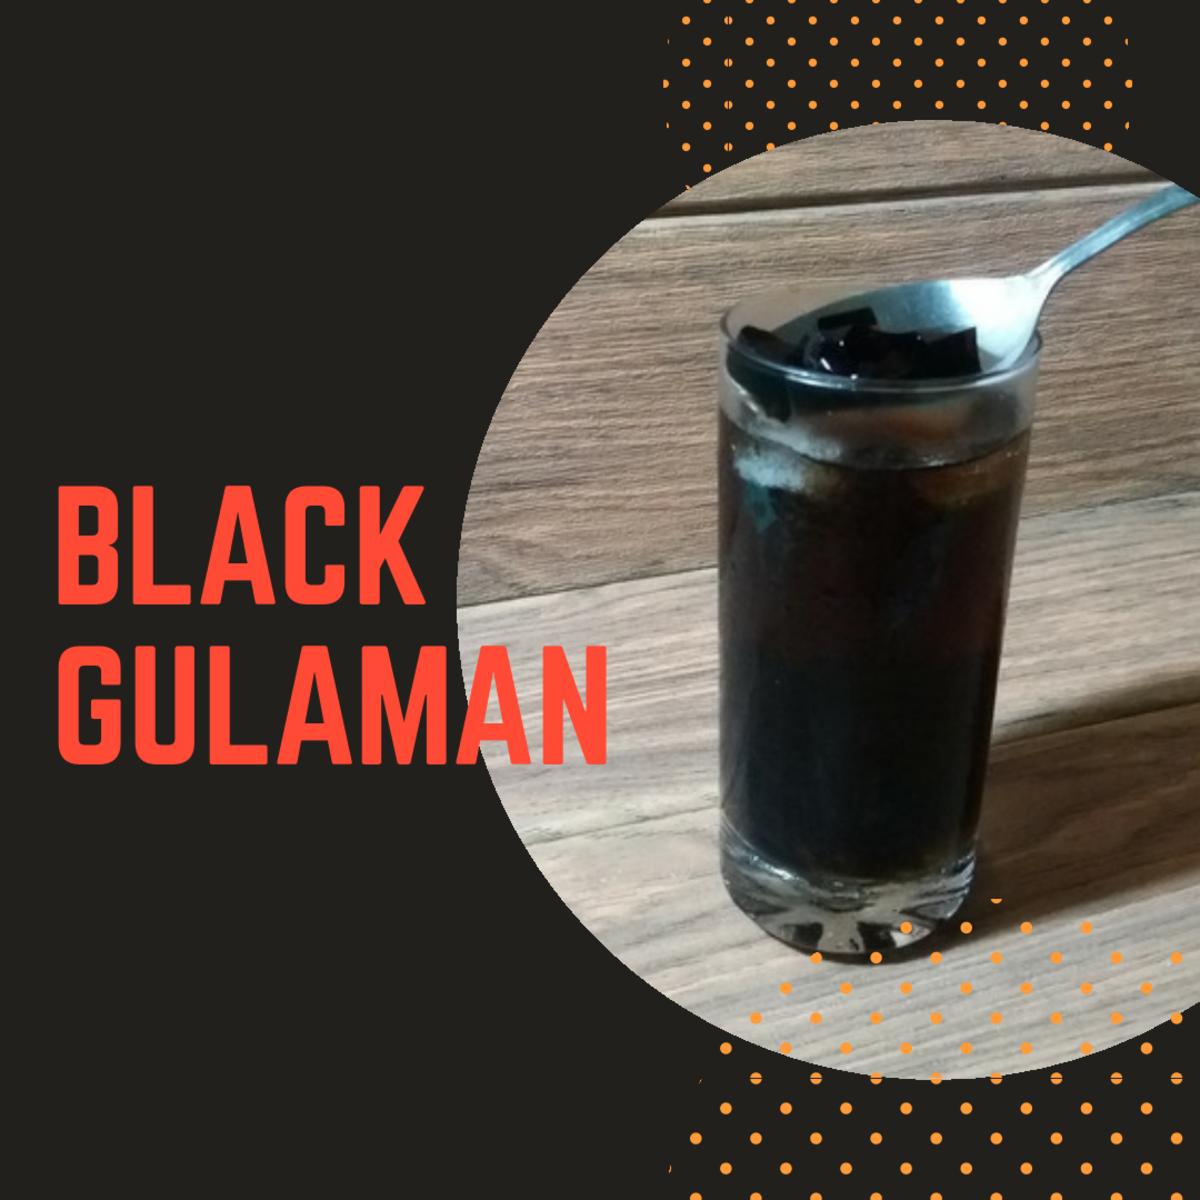 How to Make Black Gulaman